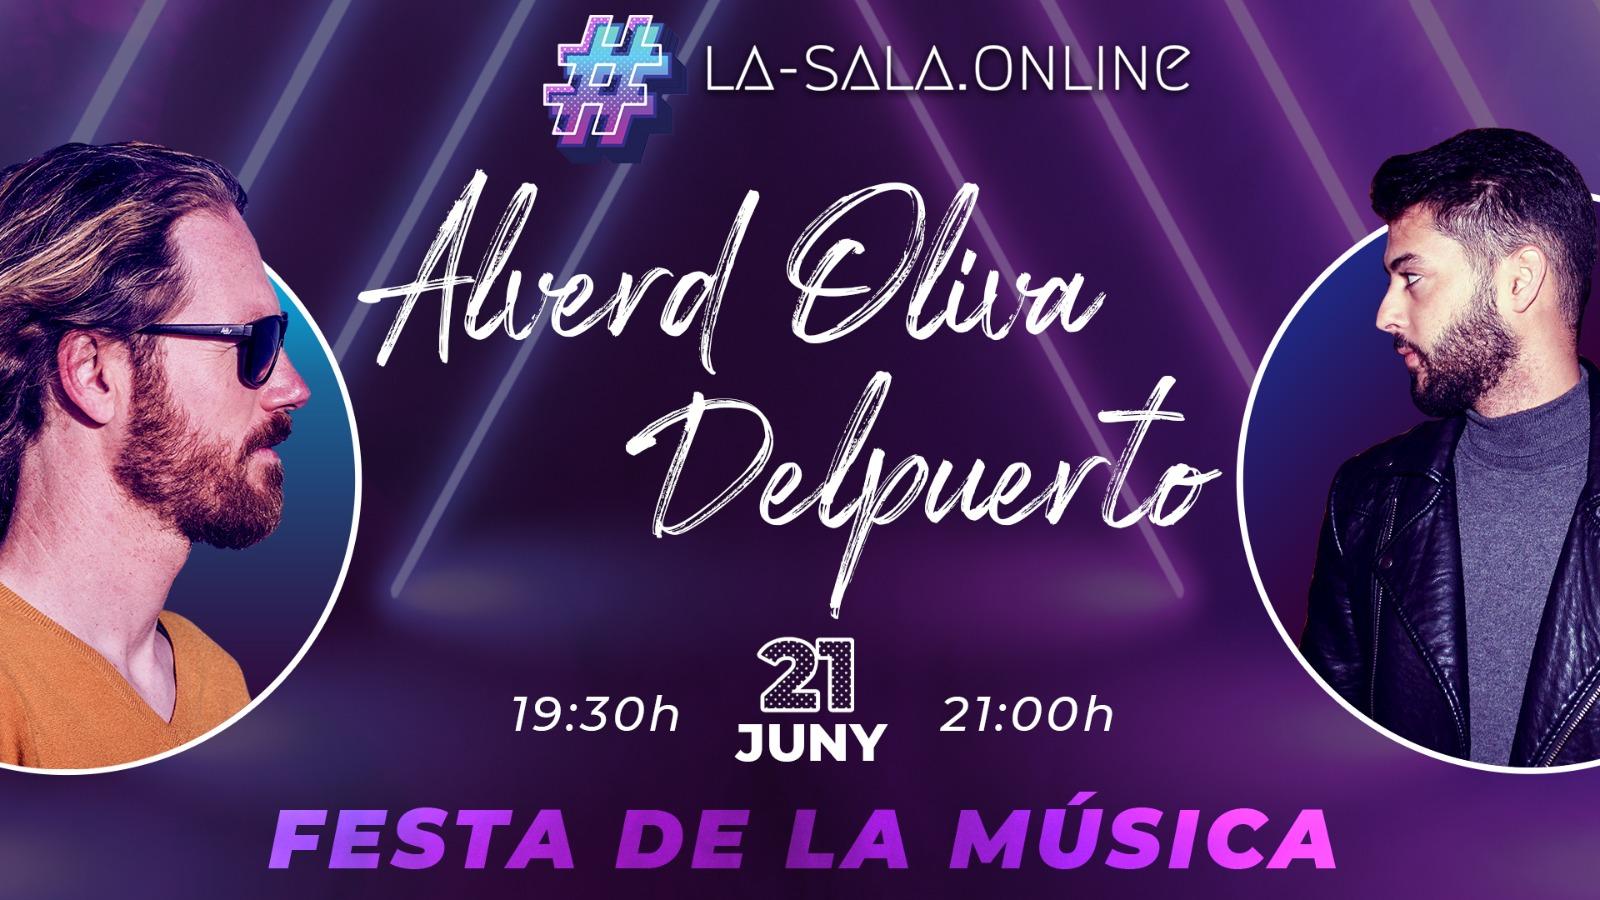 Guia de Roses oferirà en streaming els concerts d'Alverd Oliva i Delpuerto